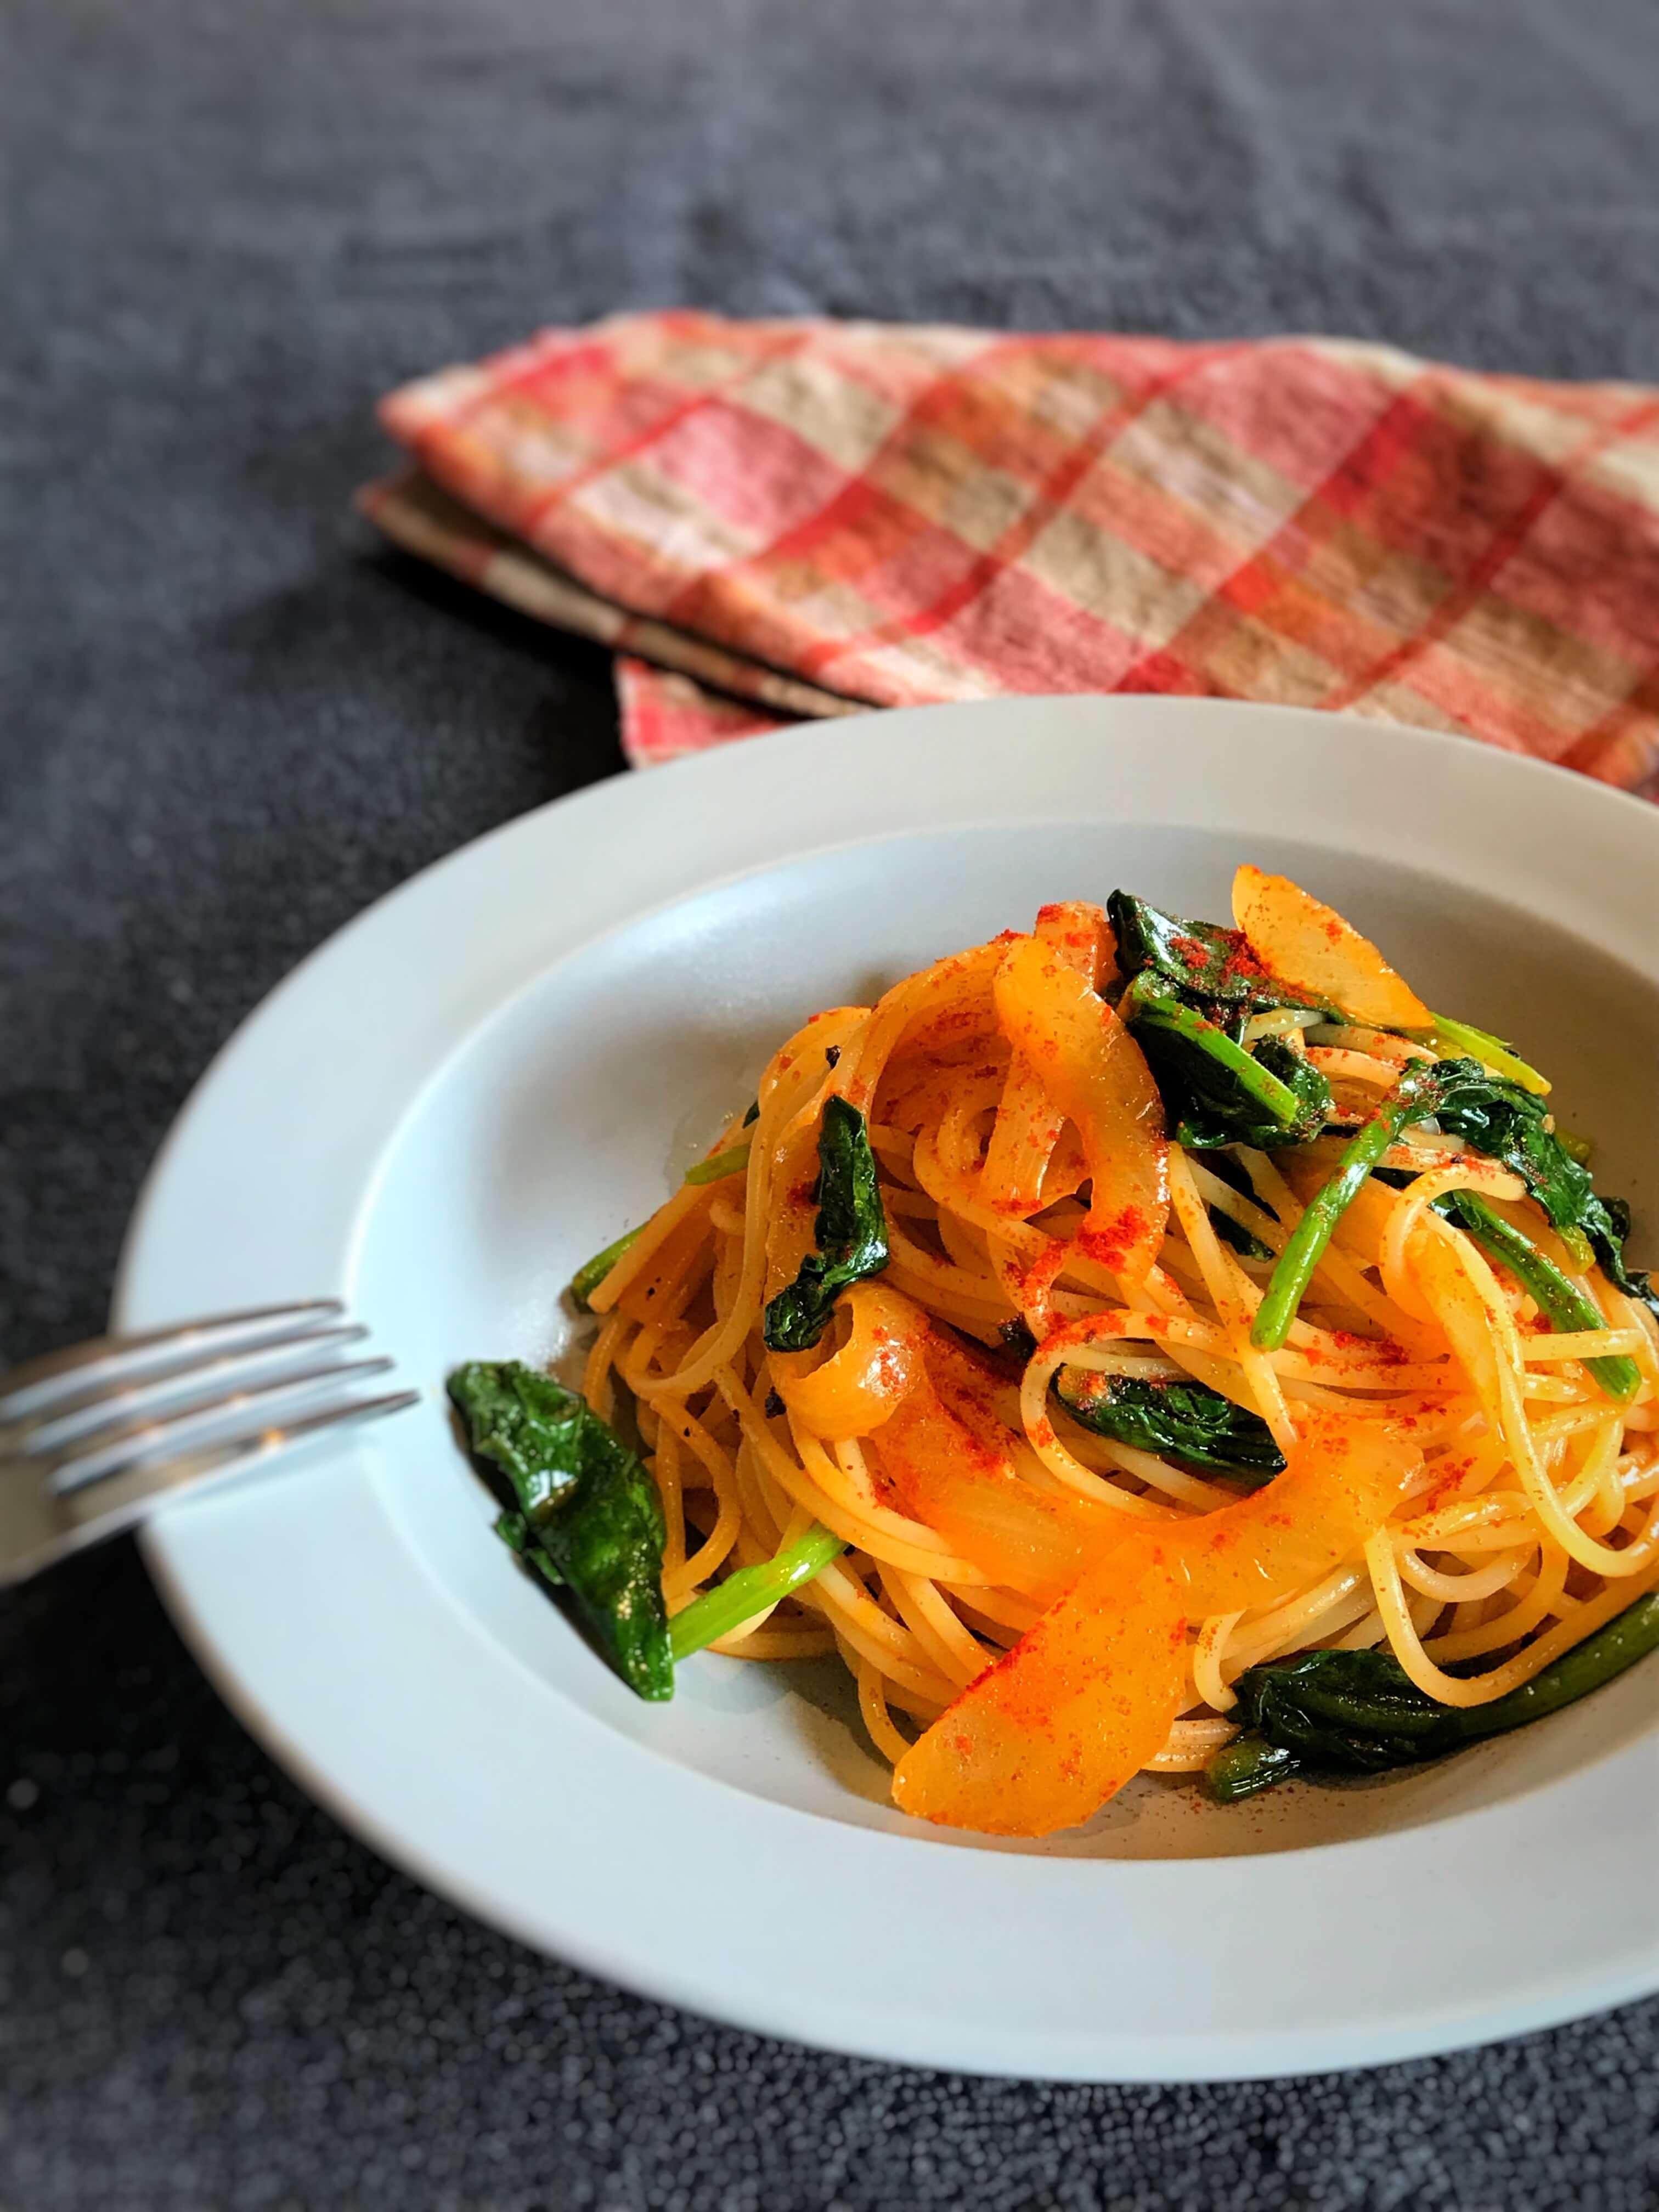 【大人の味!】ほうれん草と玉ねぎの燻製パスタのレシピ